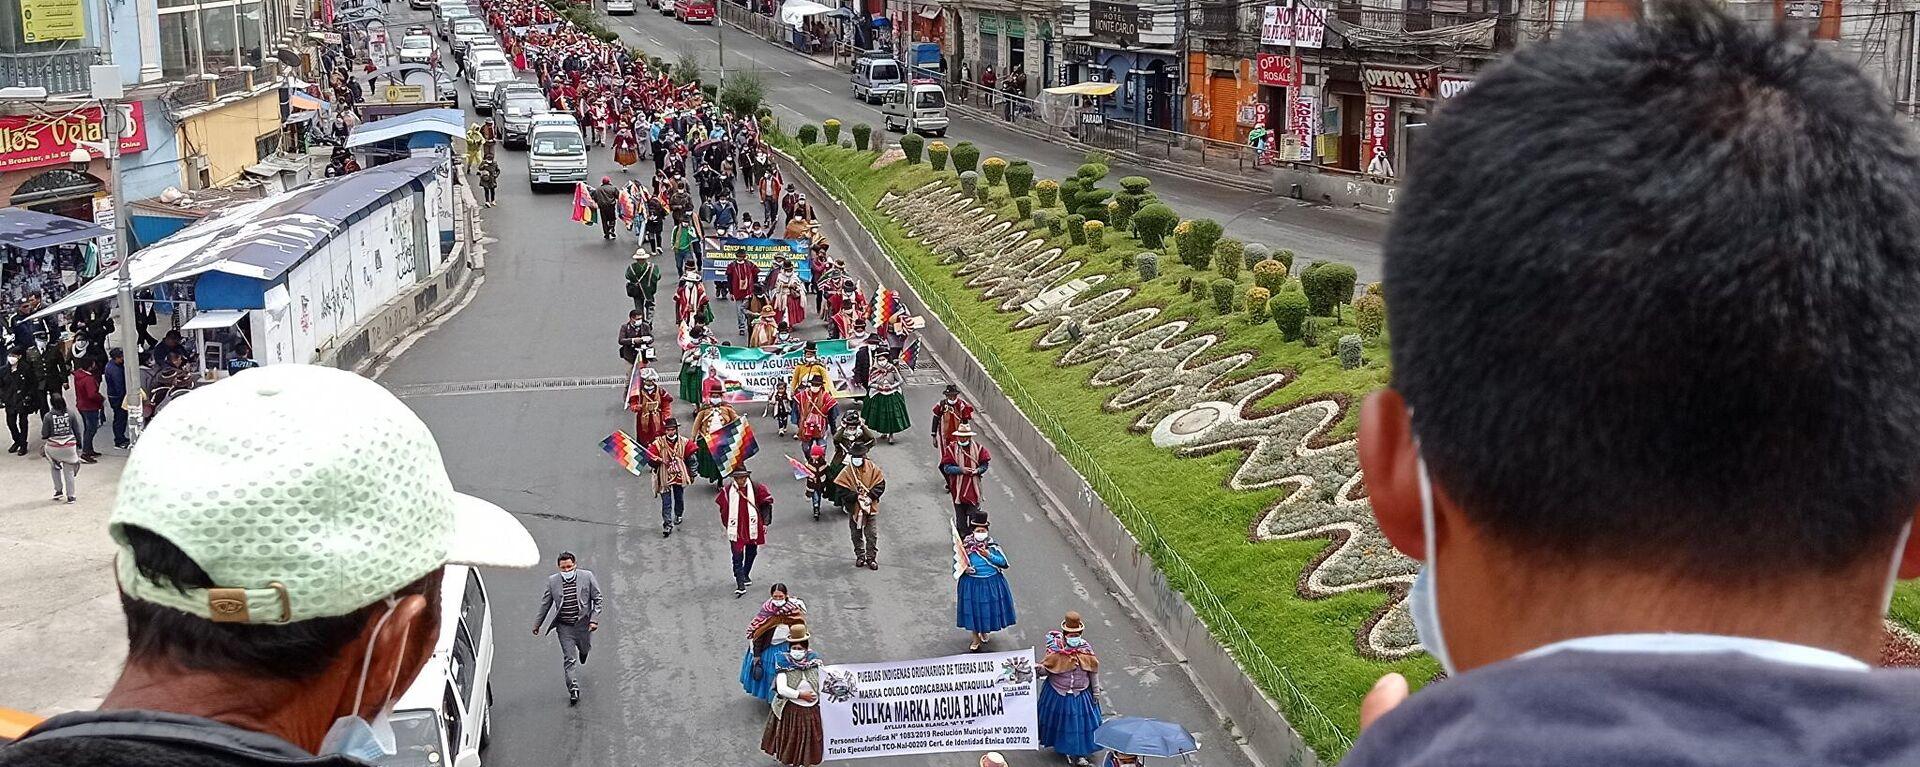 La marcha de campesinos e indígenas en La Paz reclamando justicia por los muertos en las masacres de 2019 - Sputnik Mundo, 1920, 22.03.2021